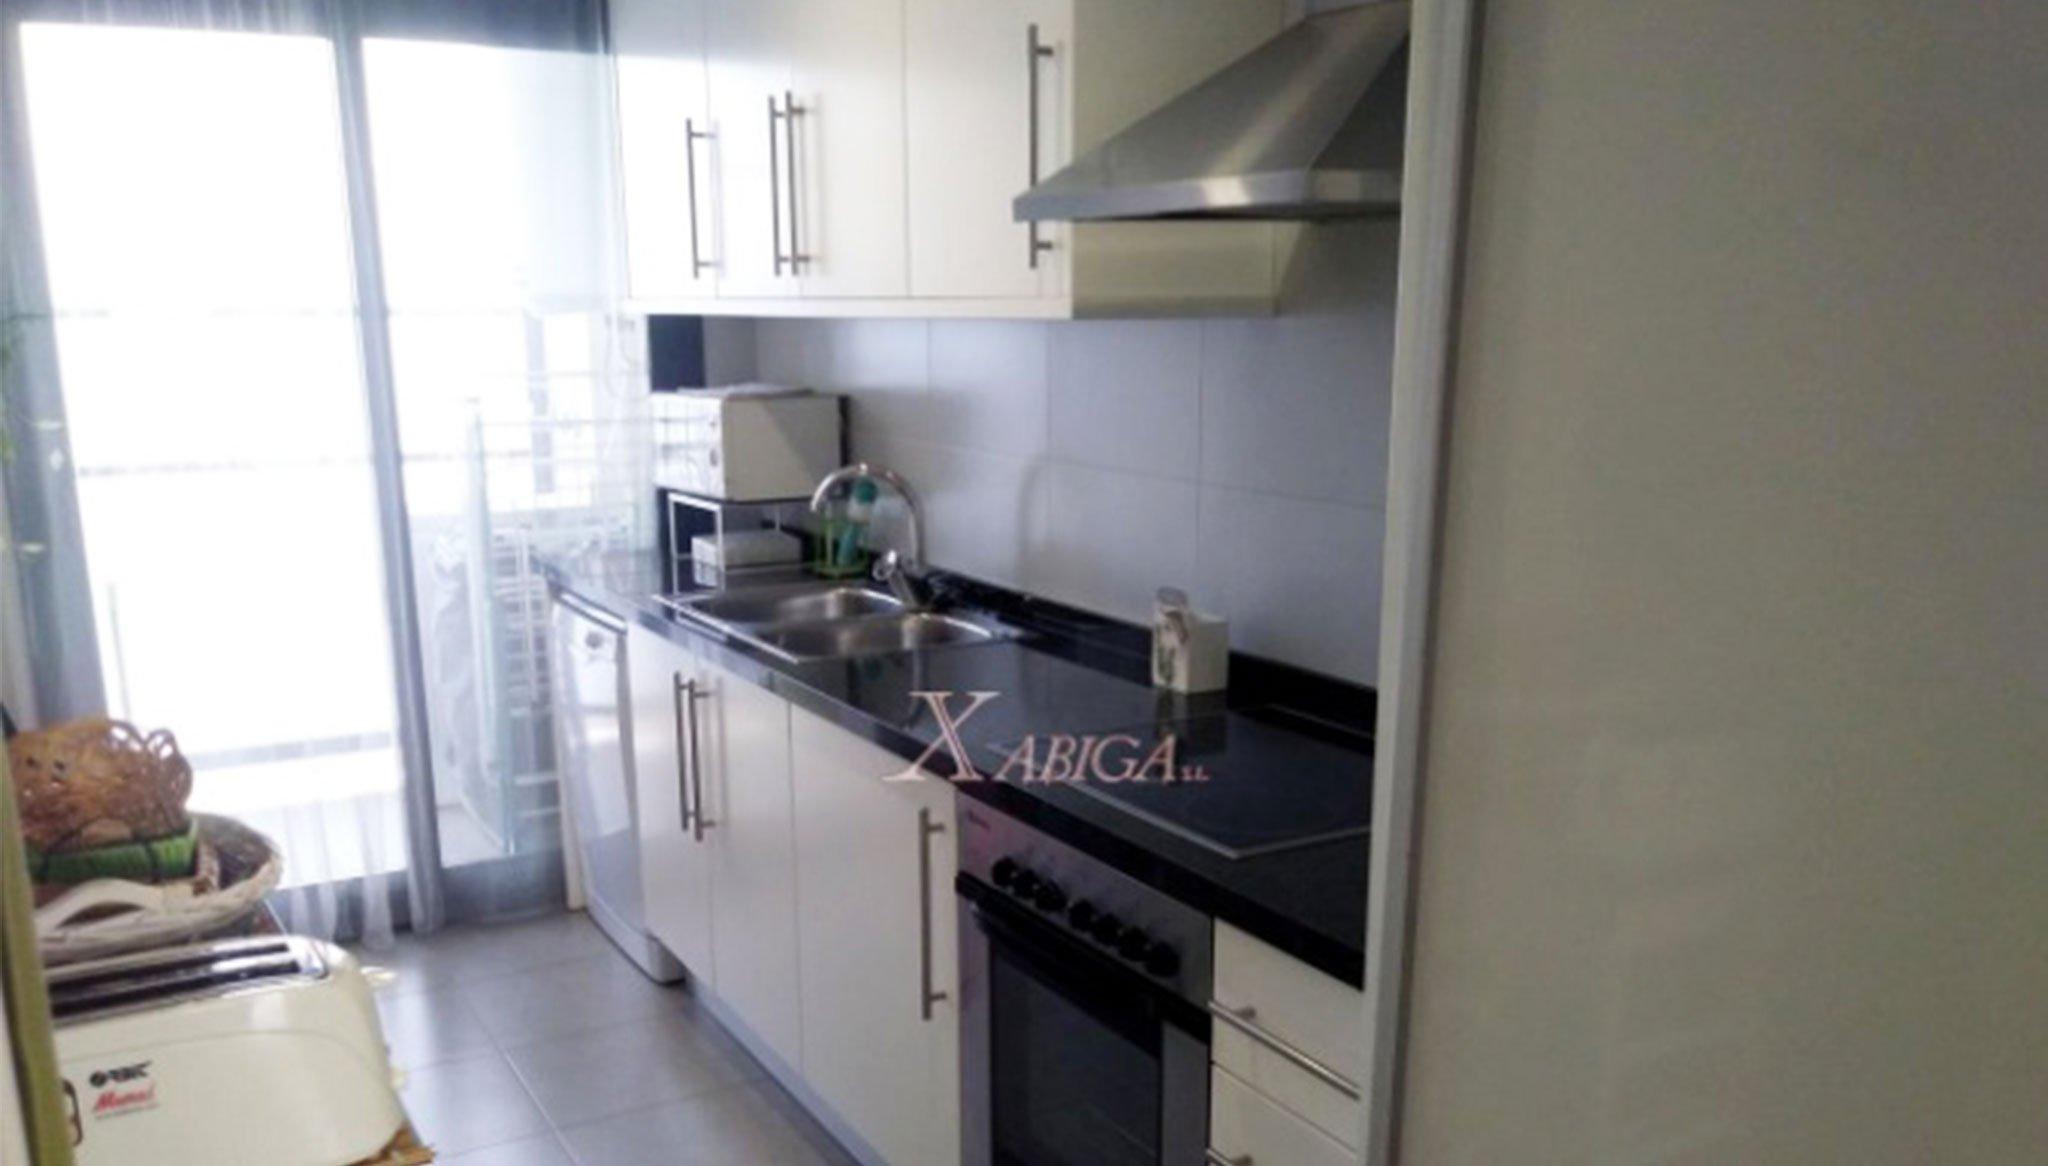 Cocina en un apartamento en venta en Jávea – Xabiga Inmobiliaria